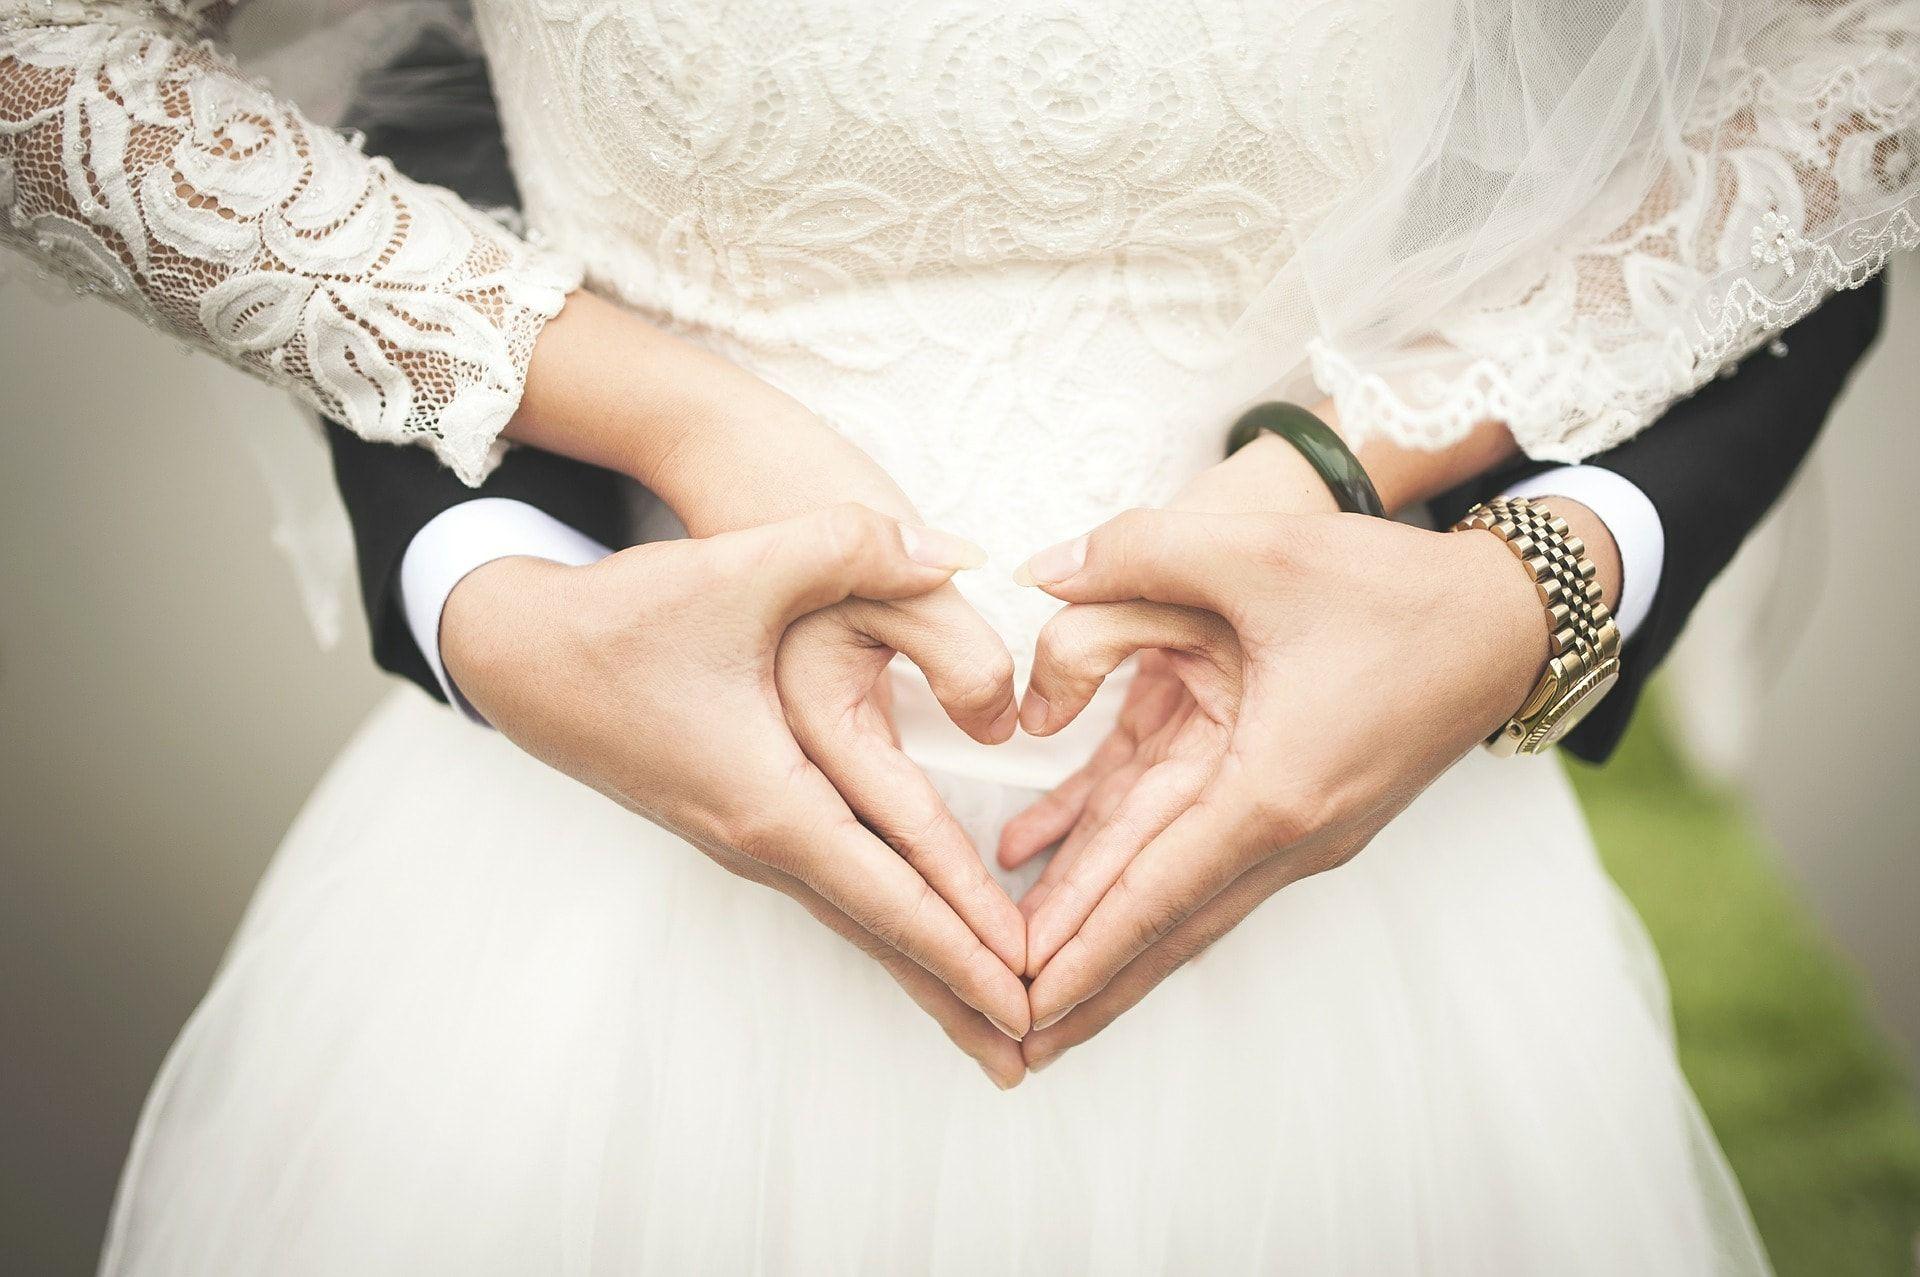 Organiser un mariage sur un bateau de croisière c'est possible